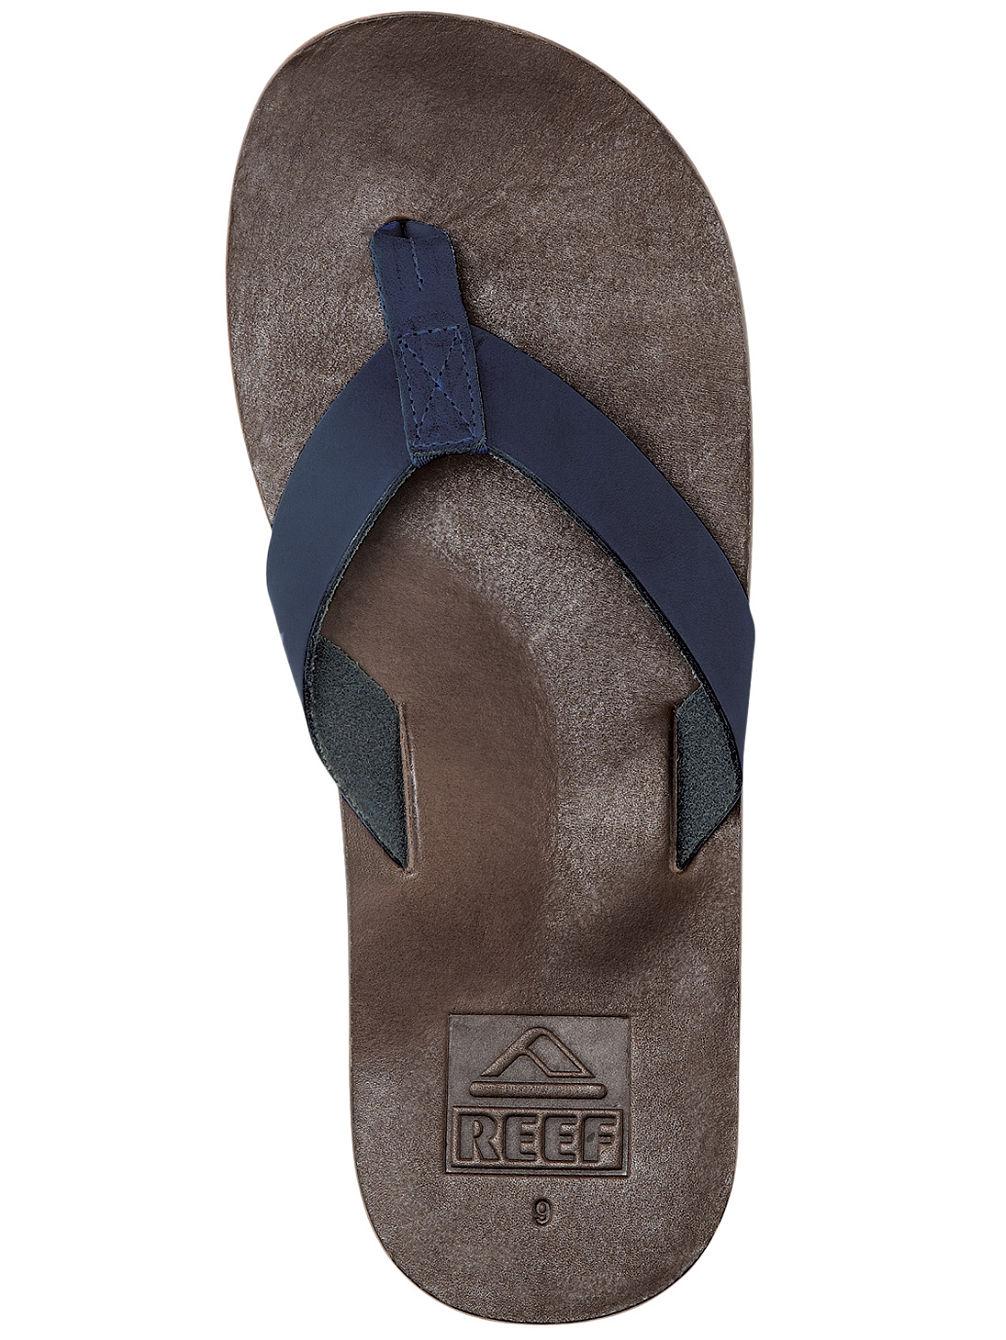 reef-voyage-sandals